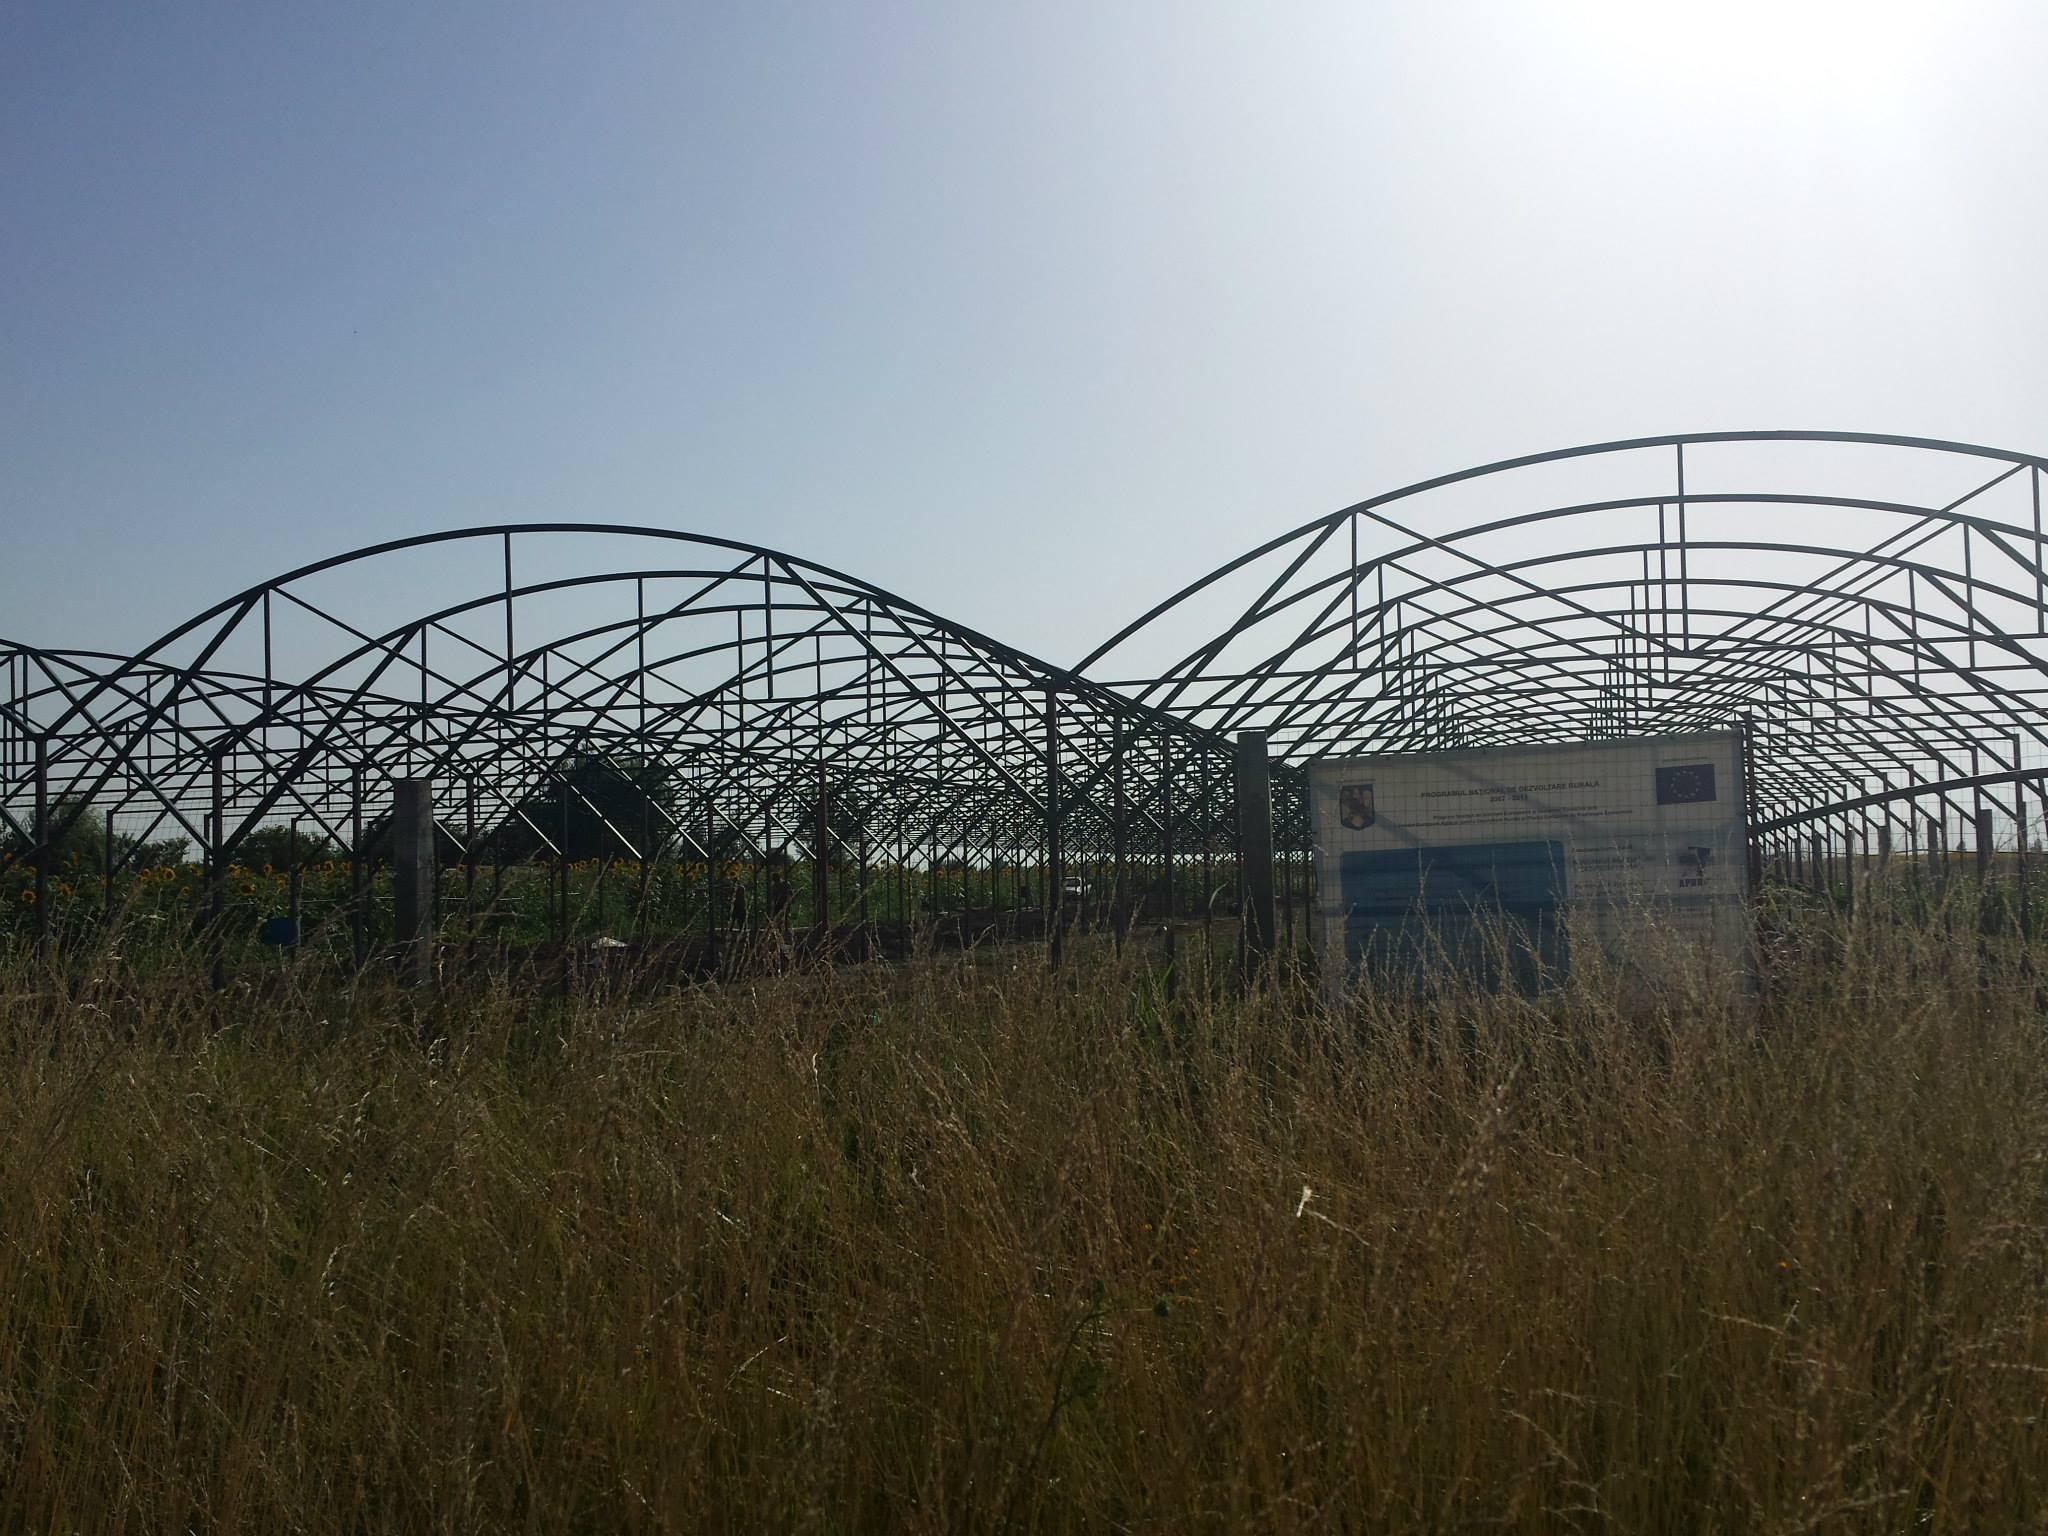 solare structura metalica